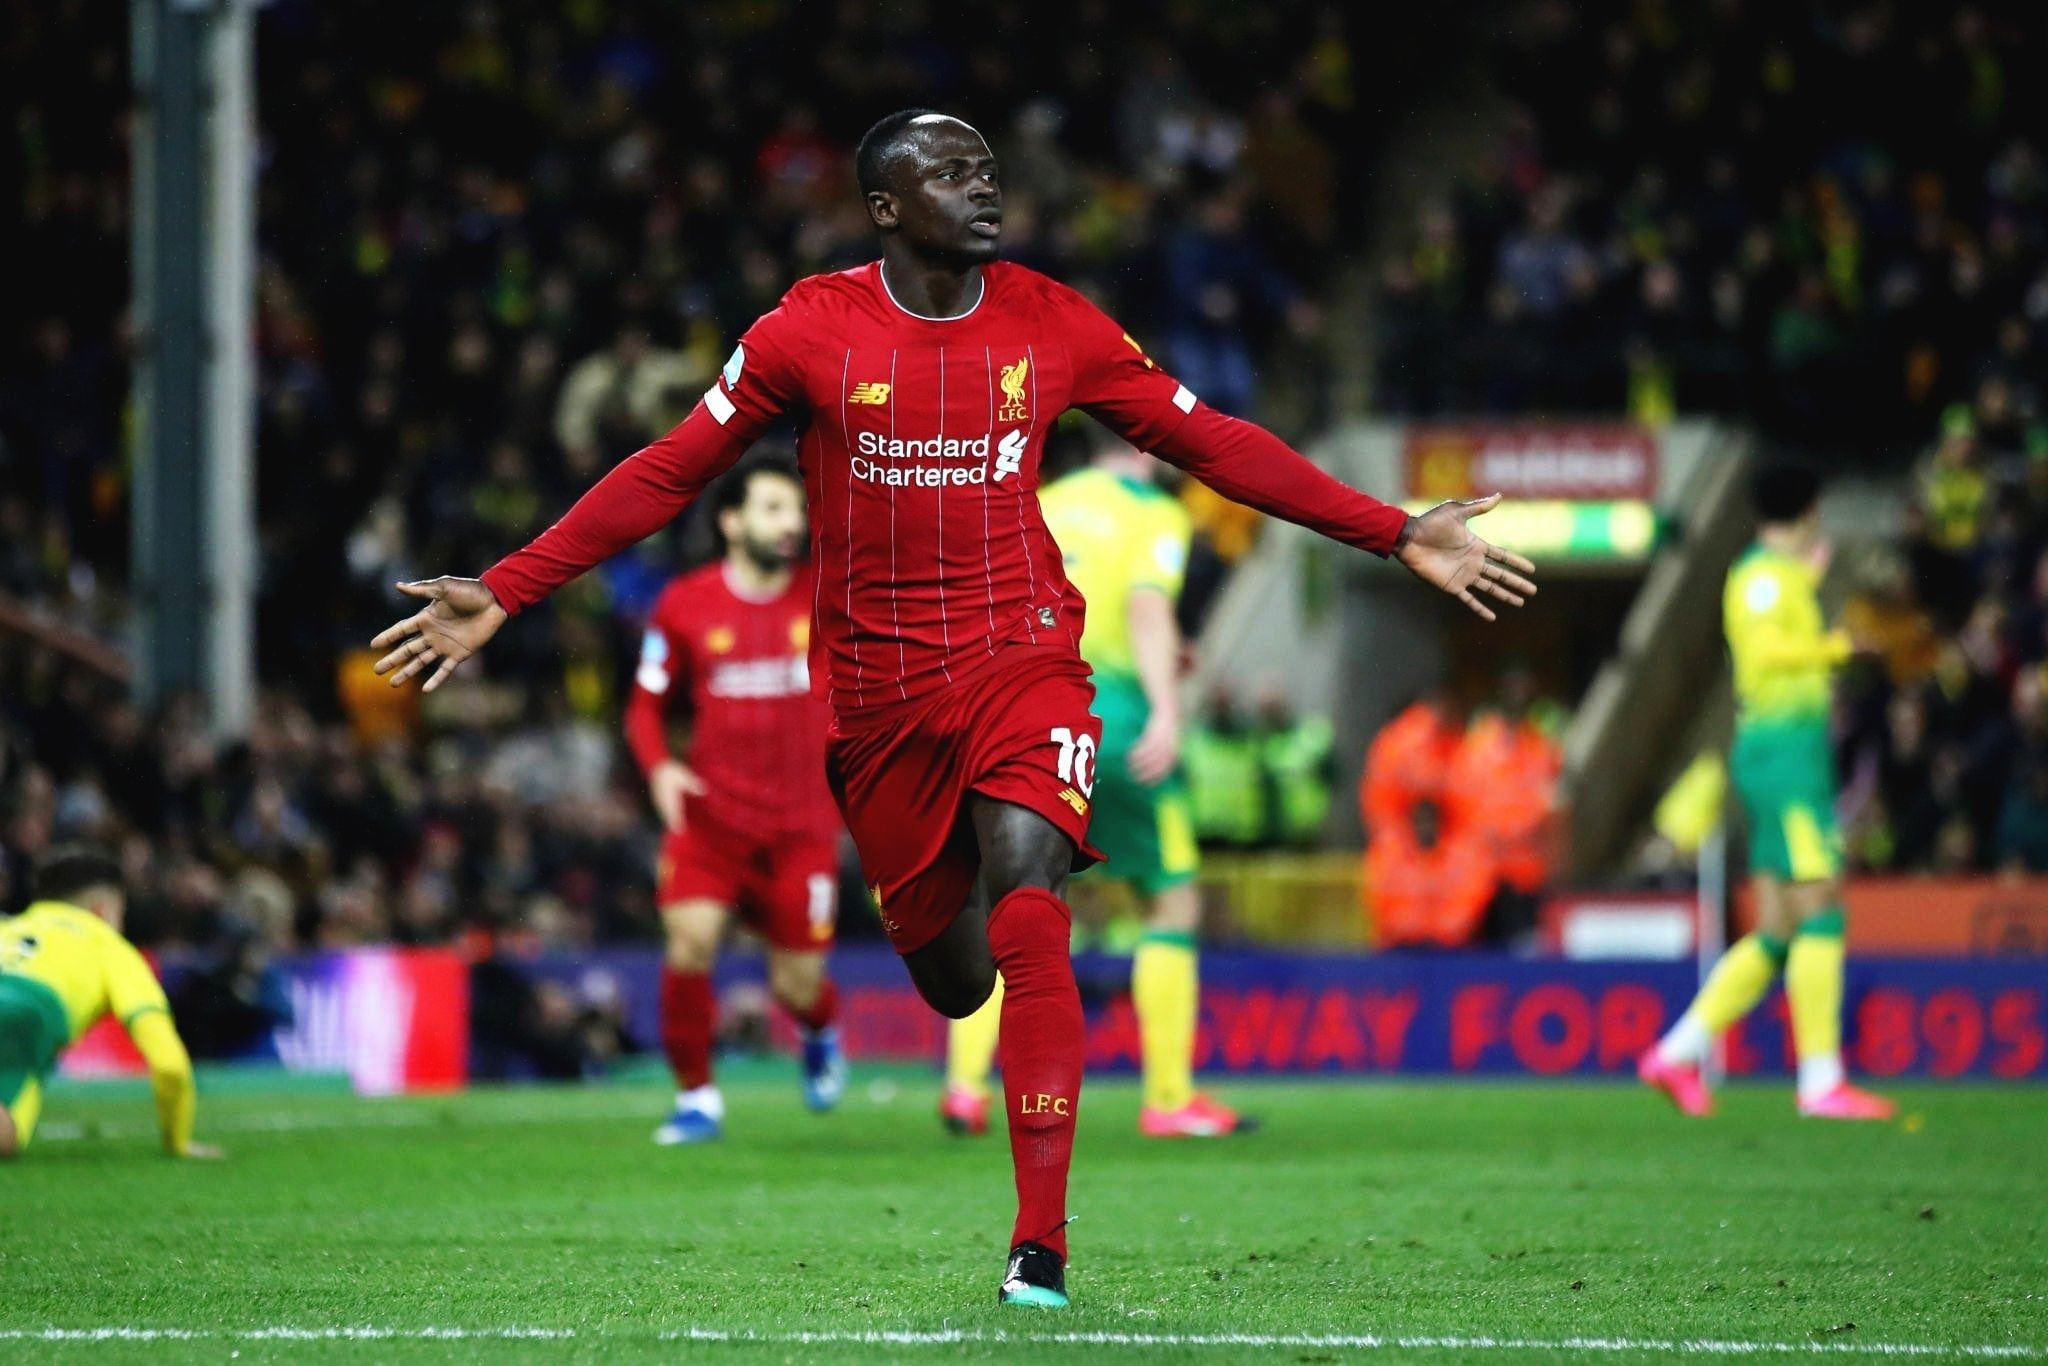 Đả bại Norwich, Liverpool lập kỷ lục chưa từng có ở Premier League - Bóng Đá